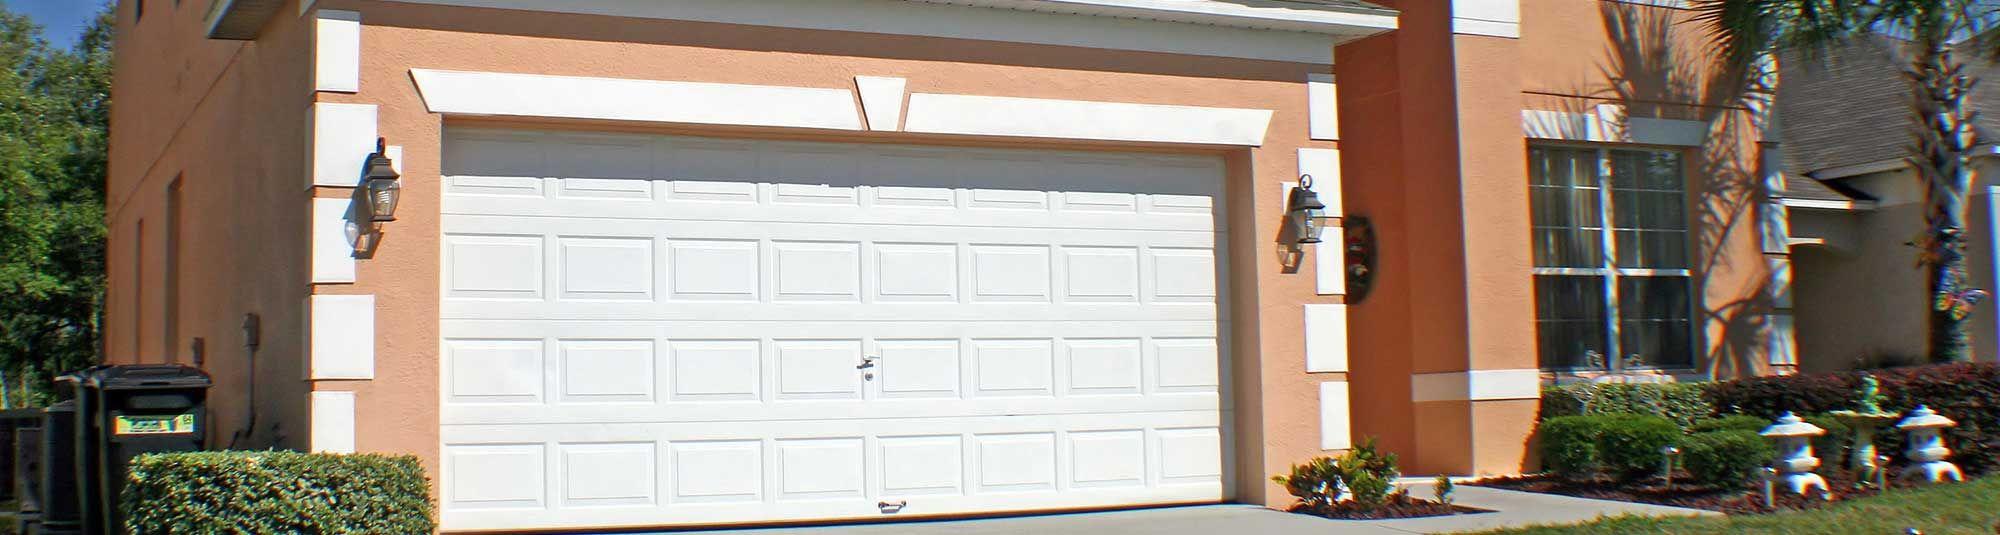 Hire Authority Garage Doors Is South Florida S Premier Garage Door Service And Sales Provider Company Garage Door Installation Garage Doors Garage Service Door